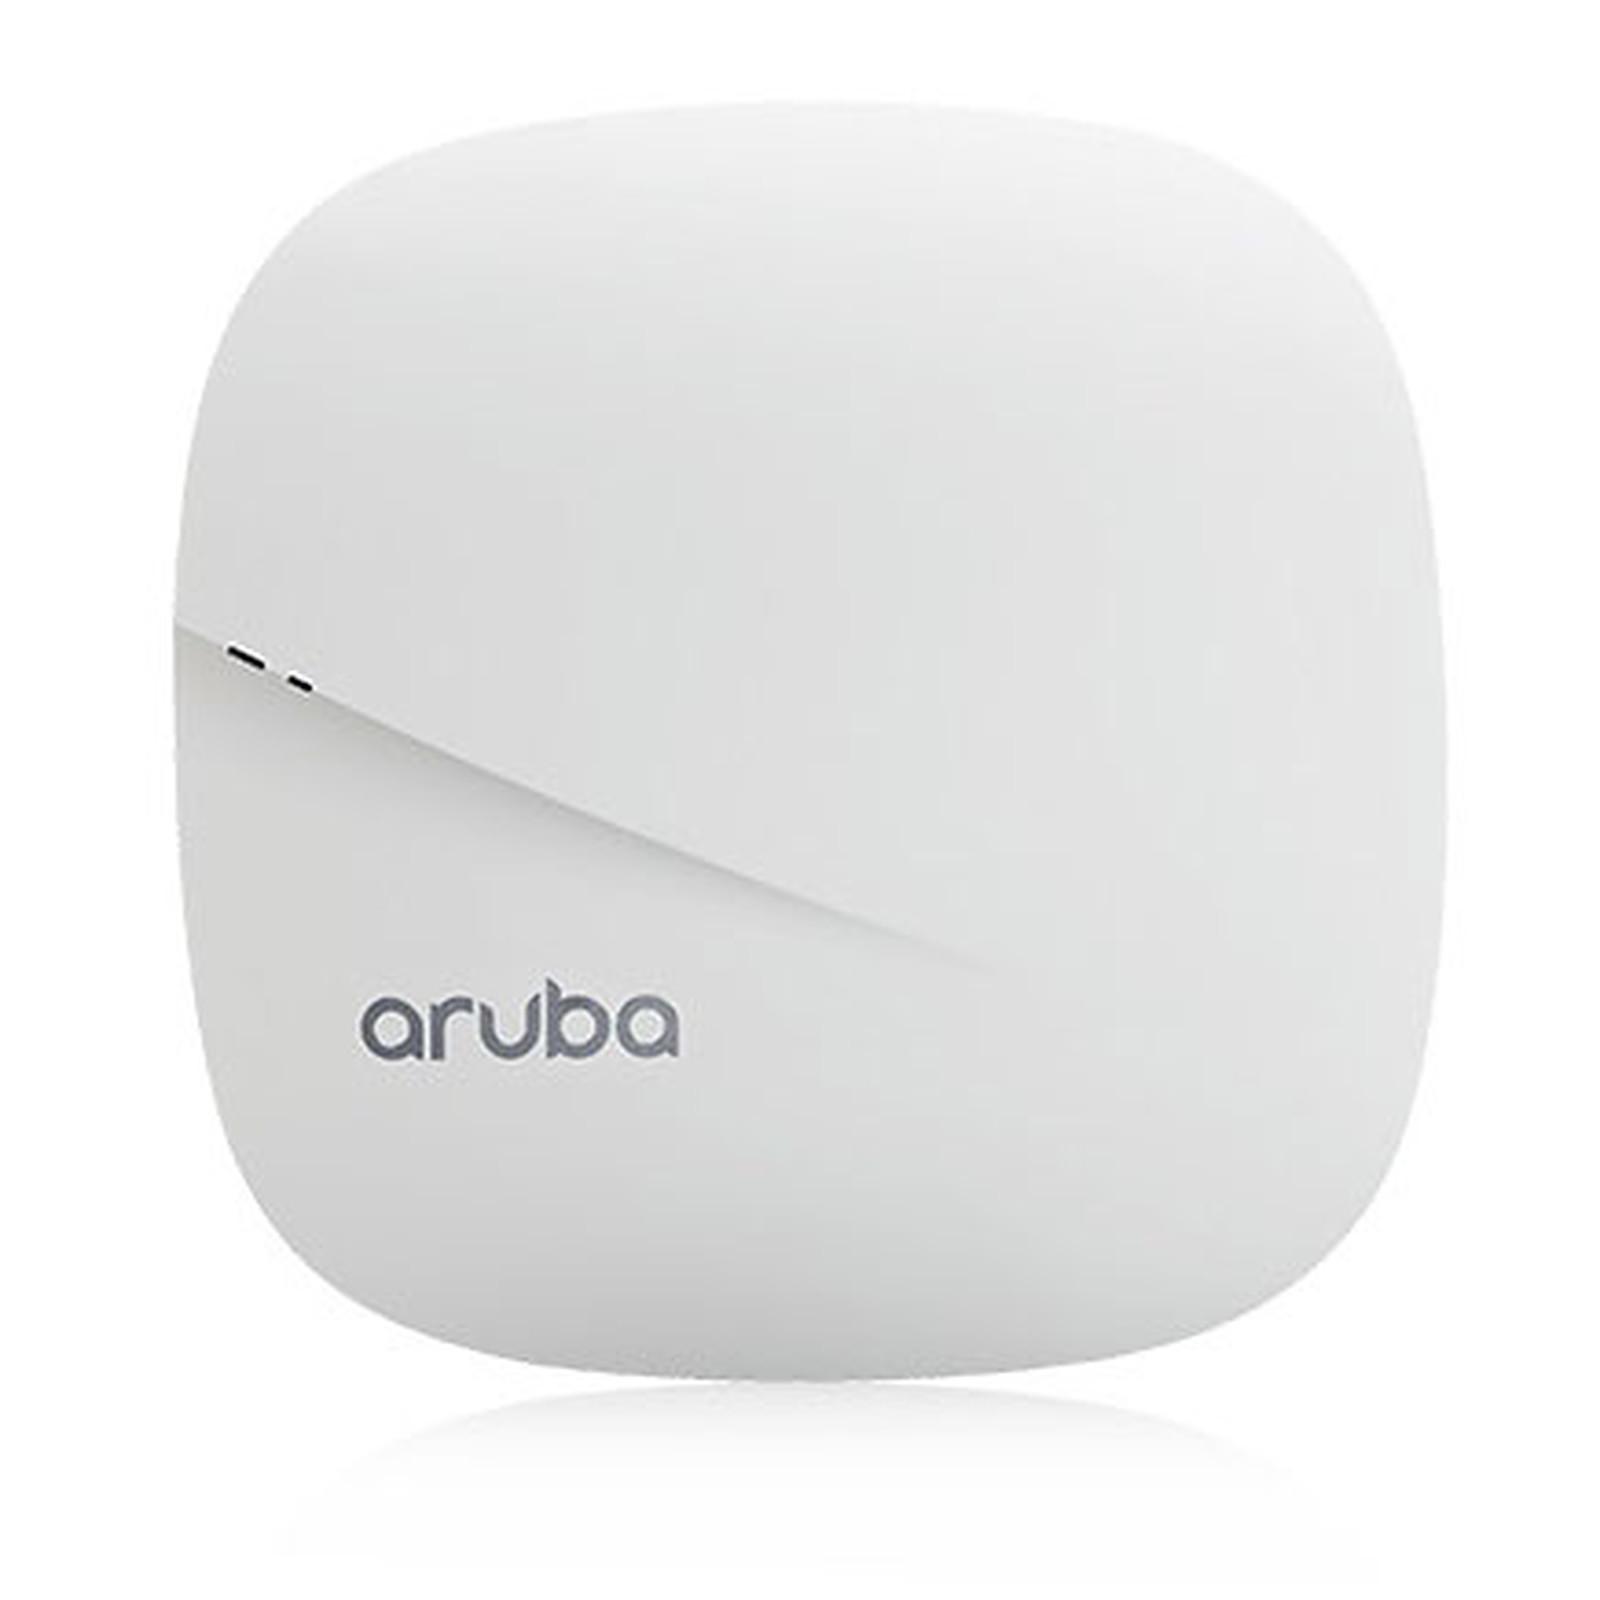 Aruba Instant IAP-305 RW (JX945A)